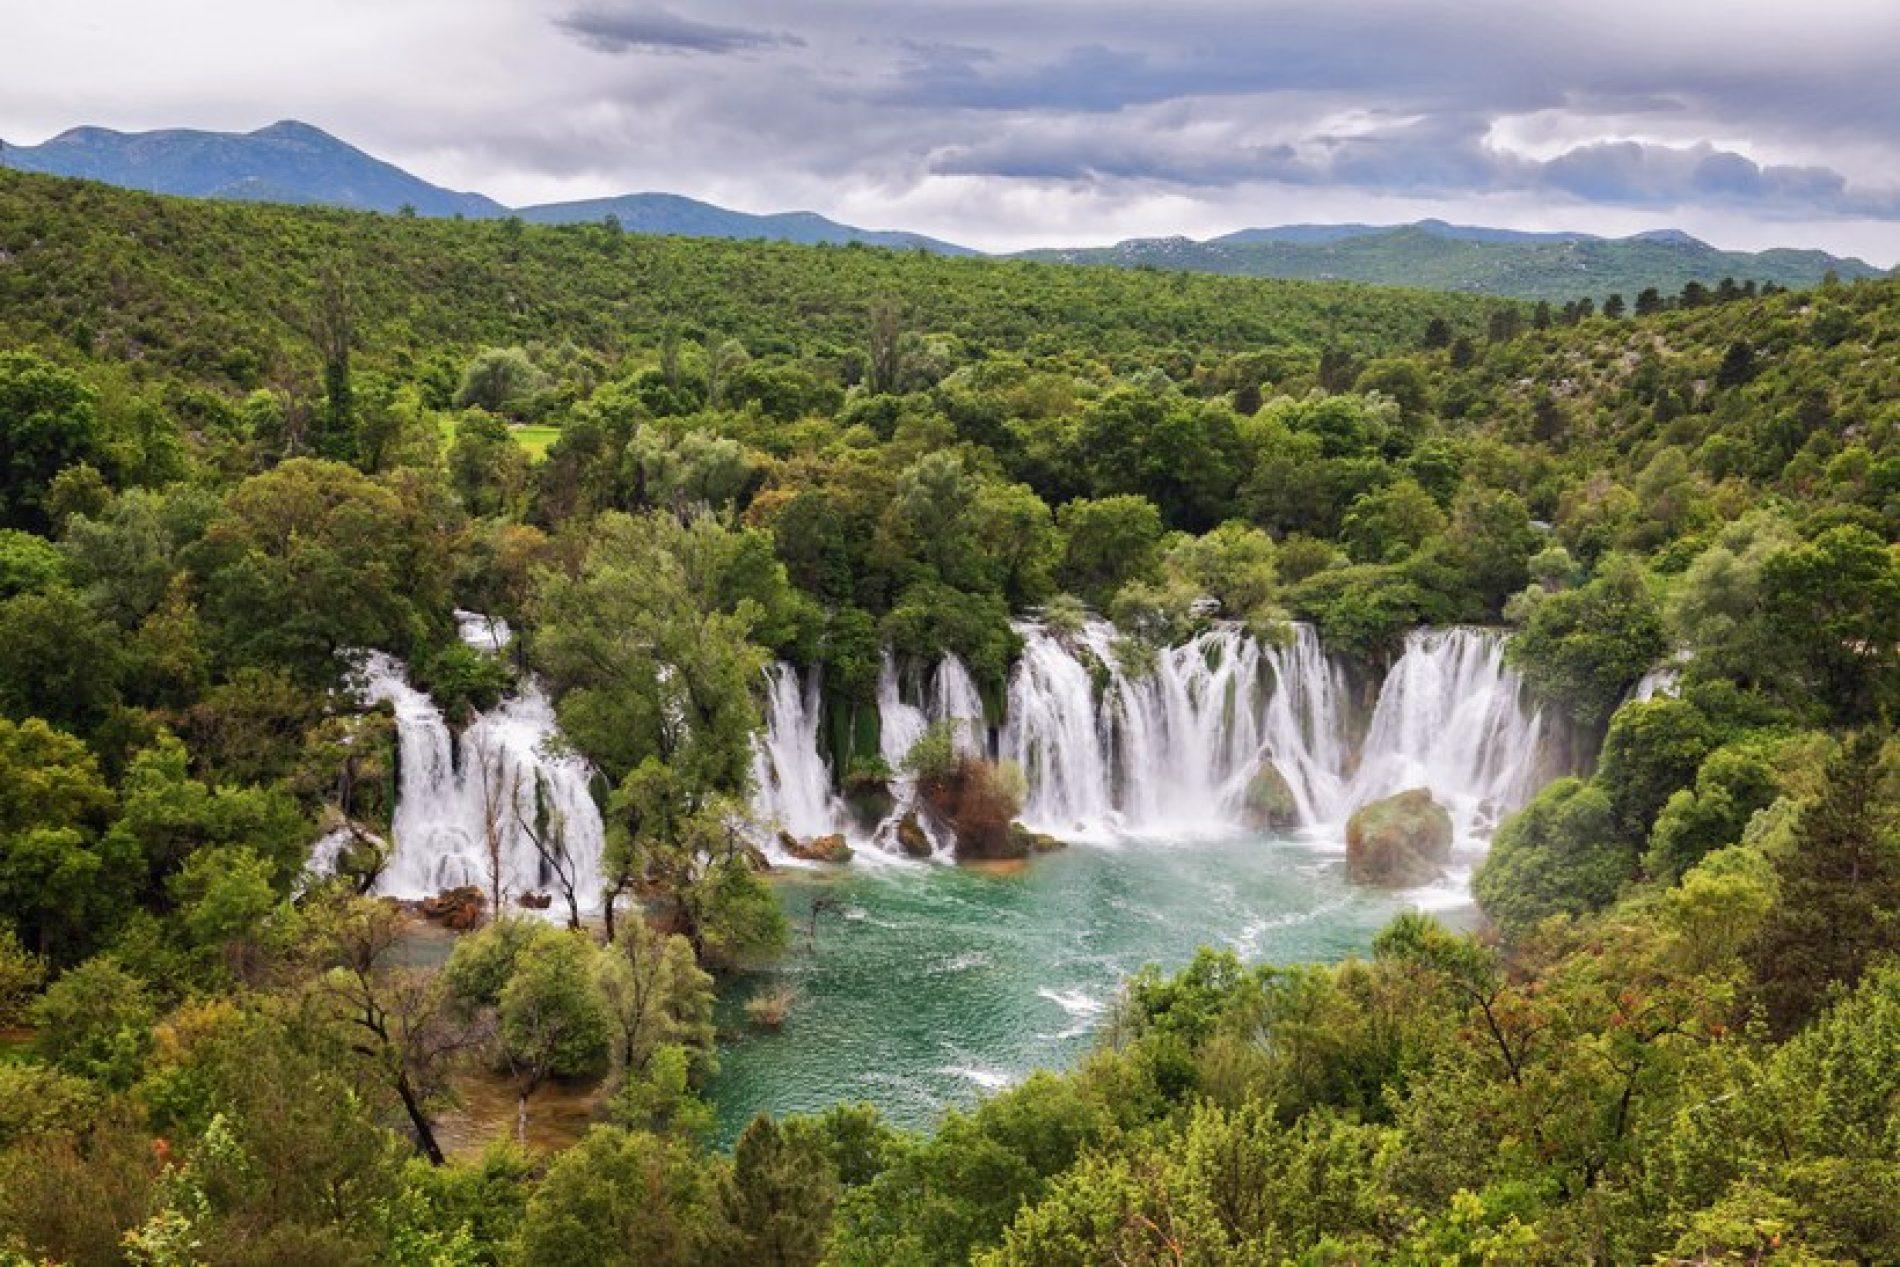 Vodopad Kravica u našoj zemlji među 20 najljepših mjesta u Evropi